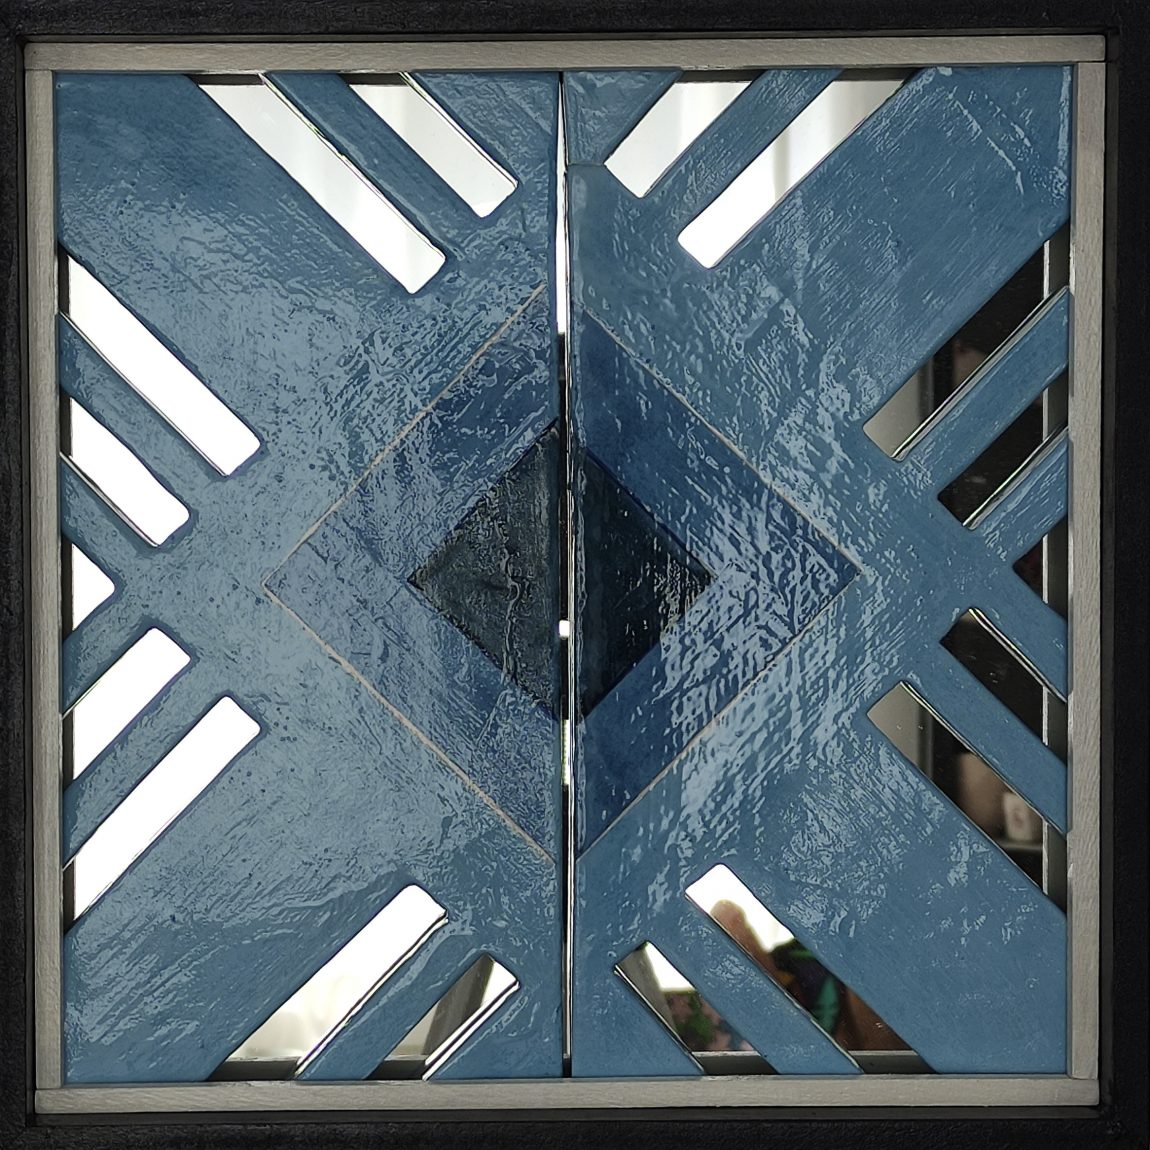 Sanatçı : Ayşen Dinç- - Eser Adı: Girift -  Teknik: Plaka - Ölçü: 40 x 40 cm  - Fiyat : 590 TL